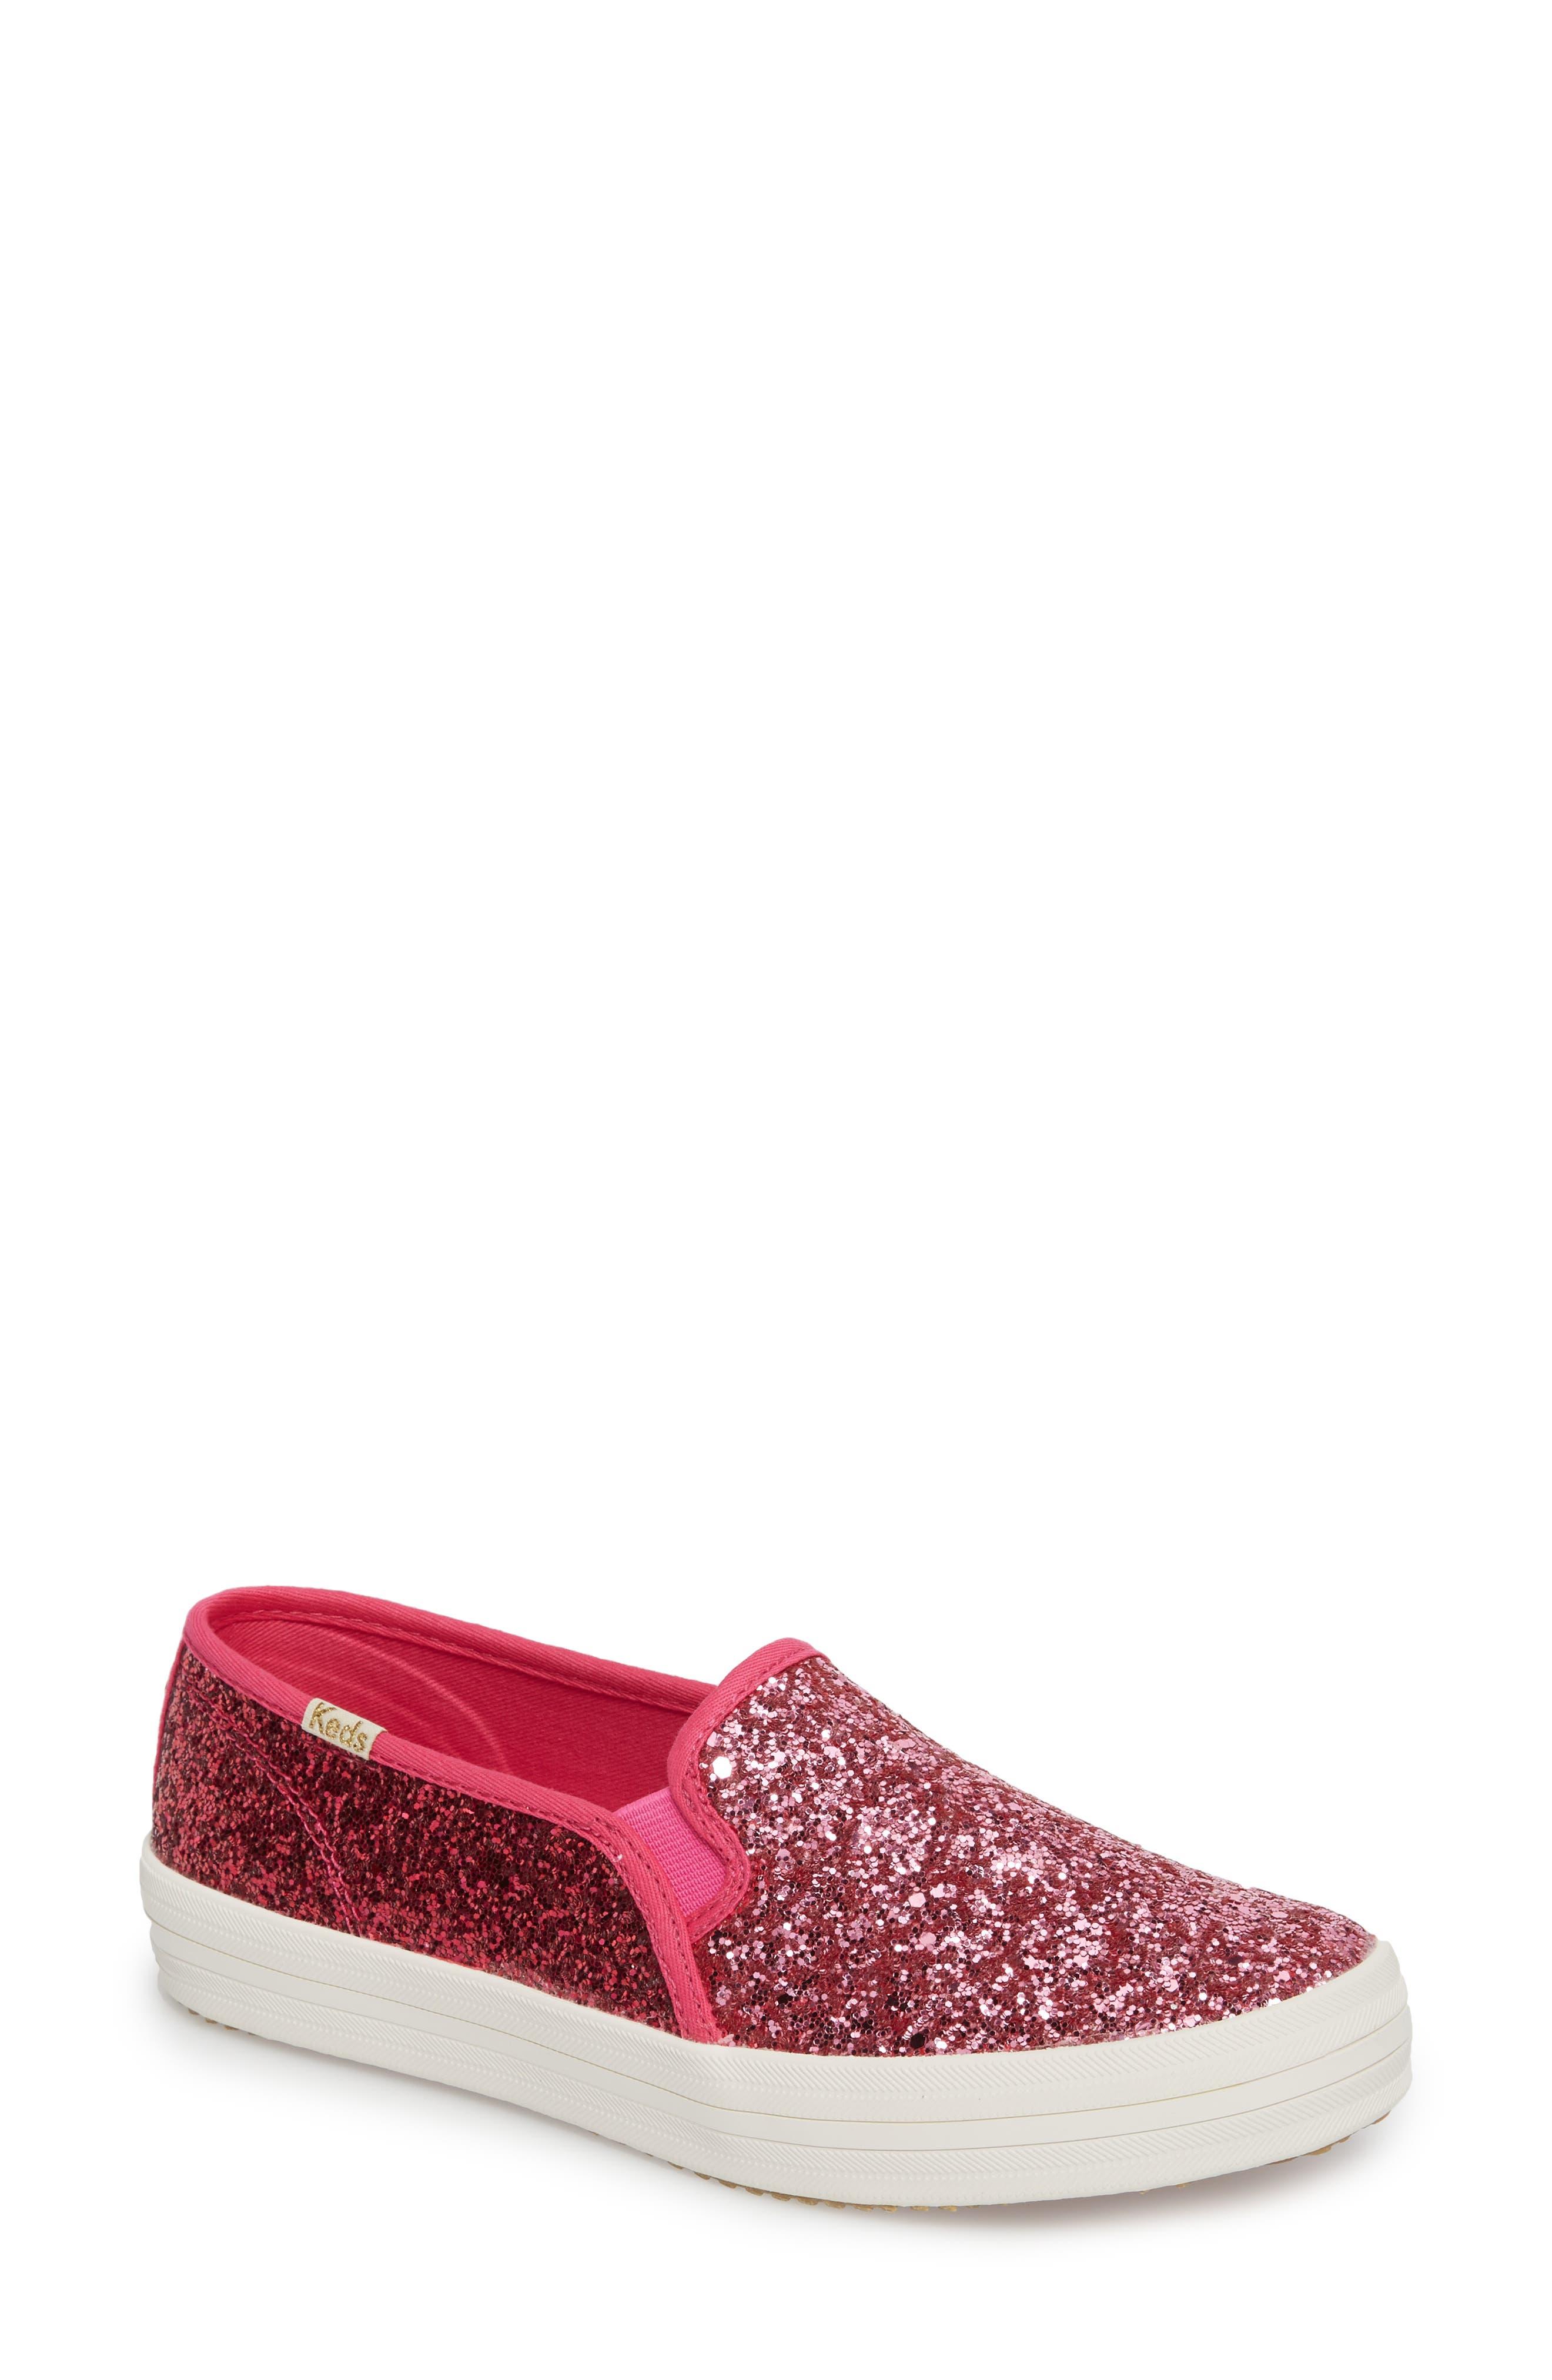 double decker glitter slip-on sneaker,                             Main thumbnail 1, color,                             Pink Glitter